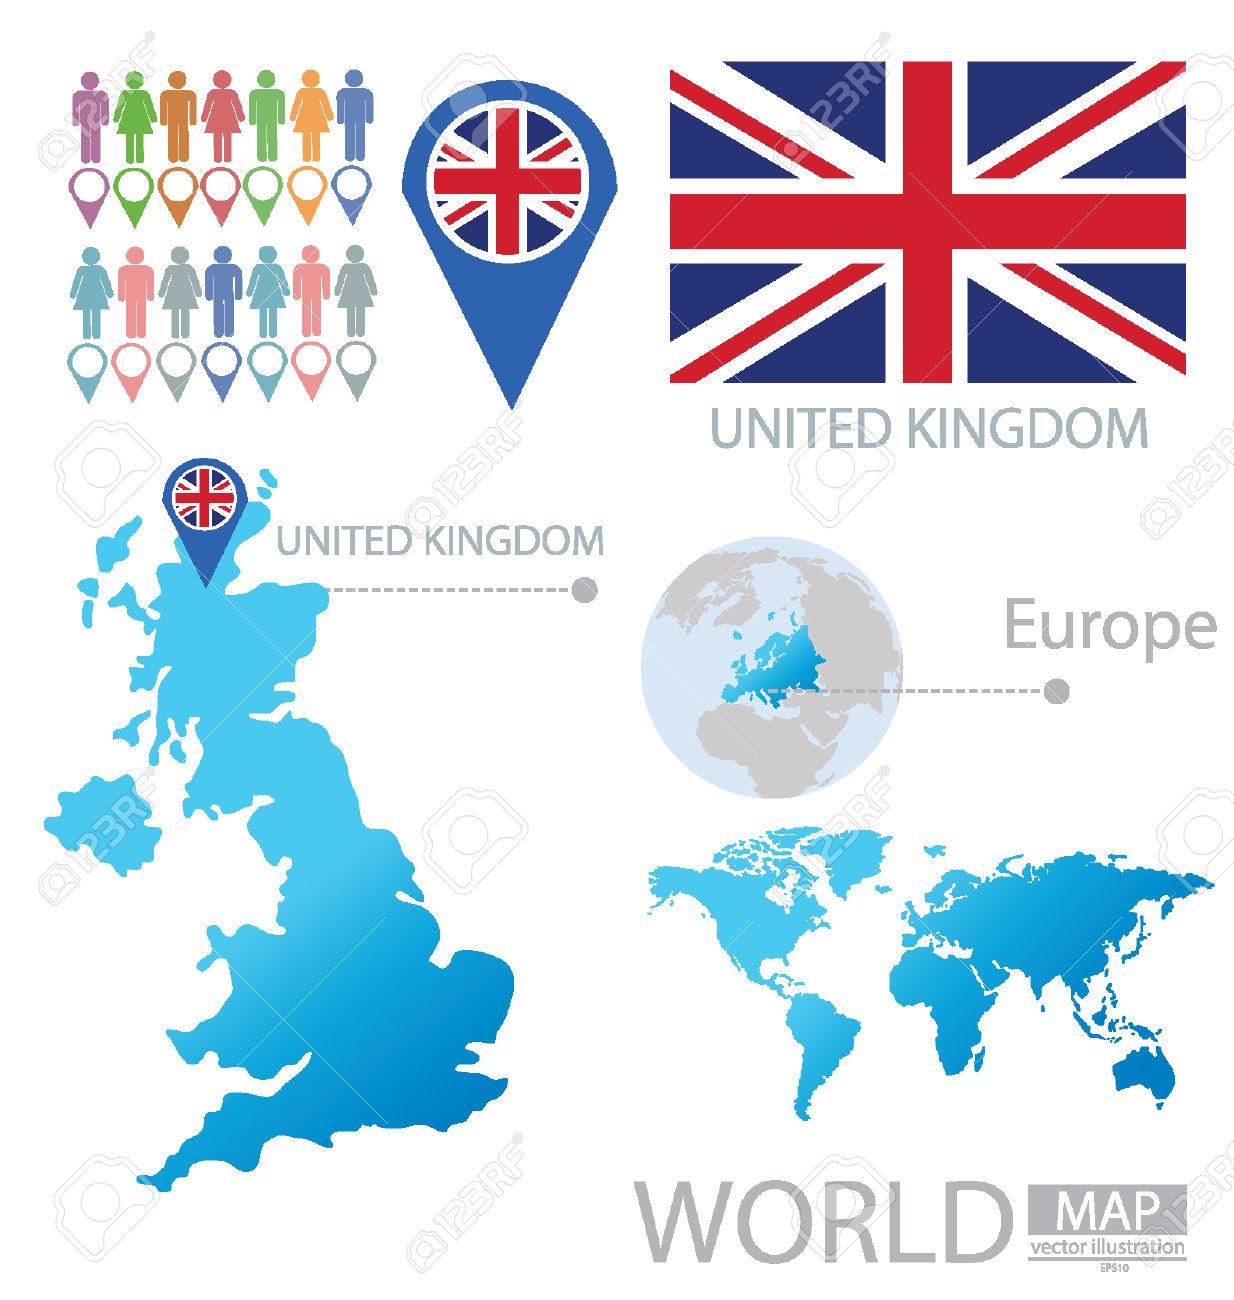 Regno Unito Di Gran Bretagna E Irlanda Del Nord Illustrazione.